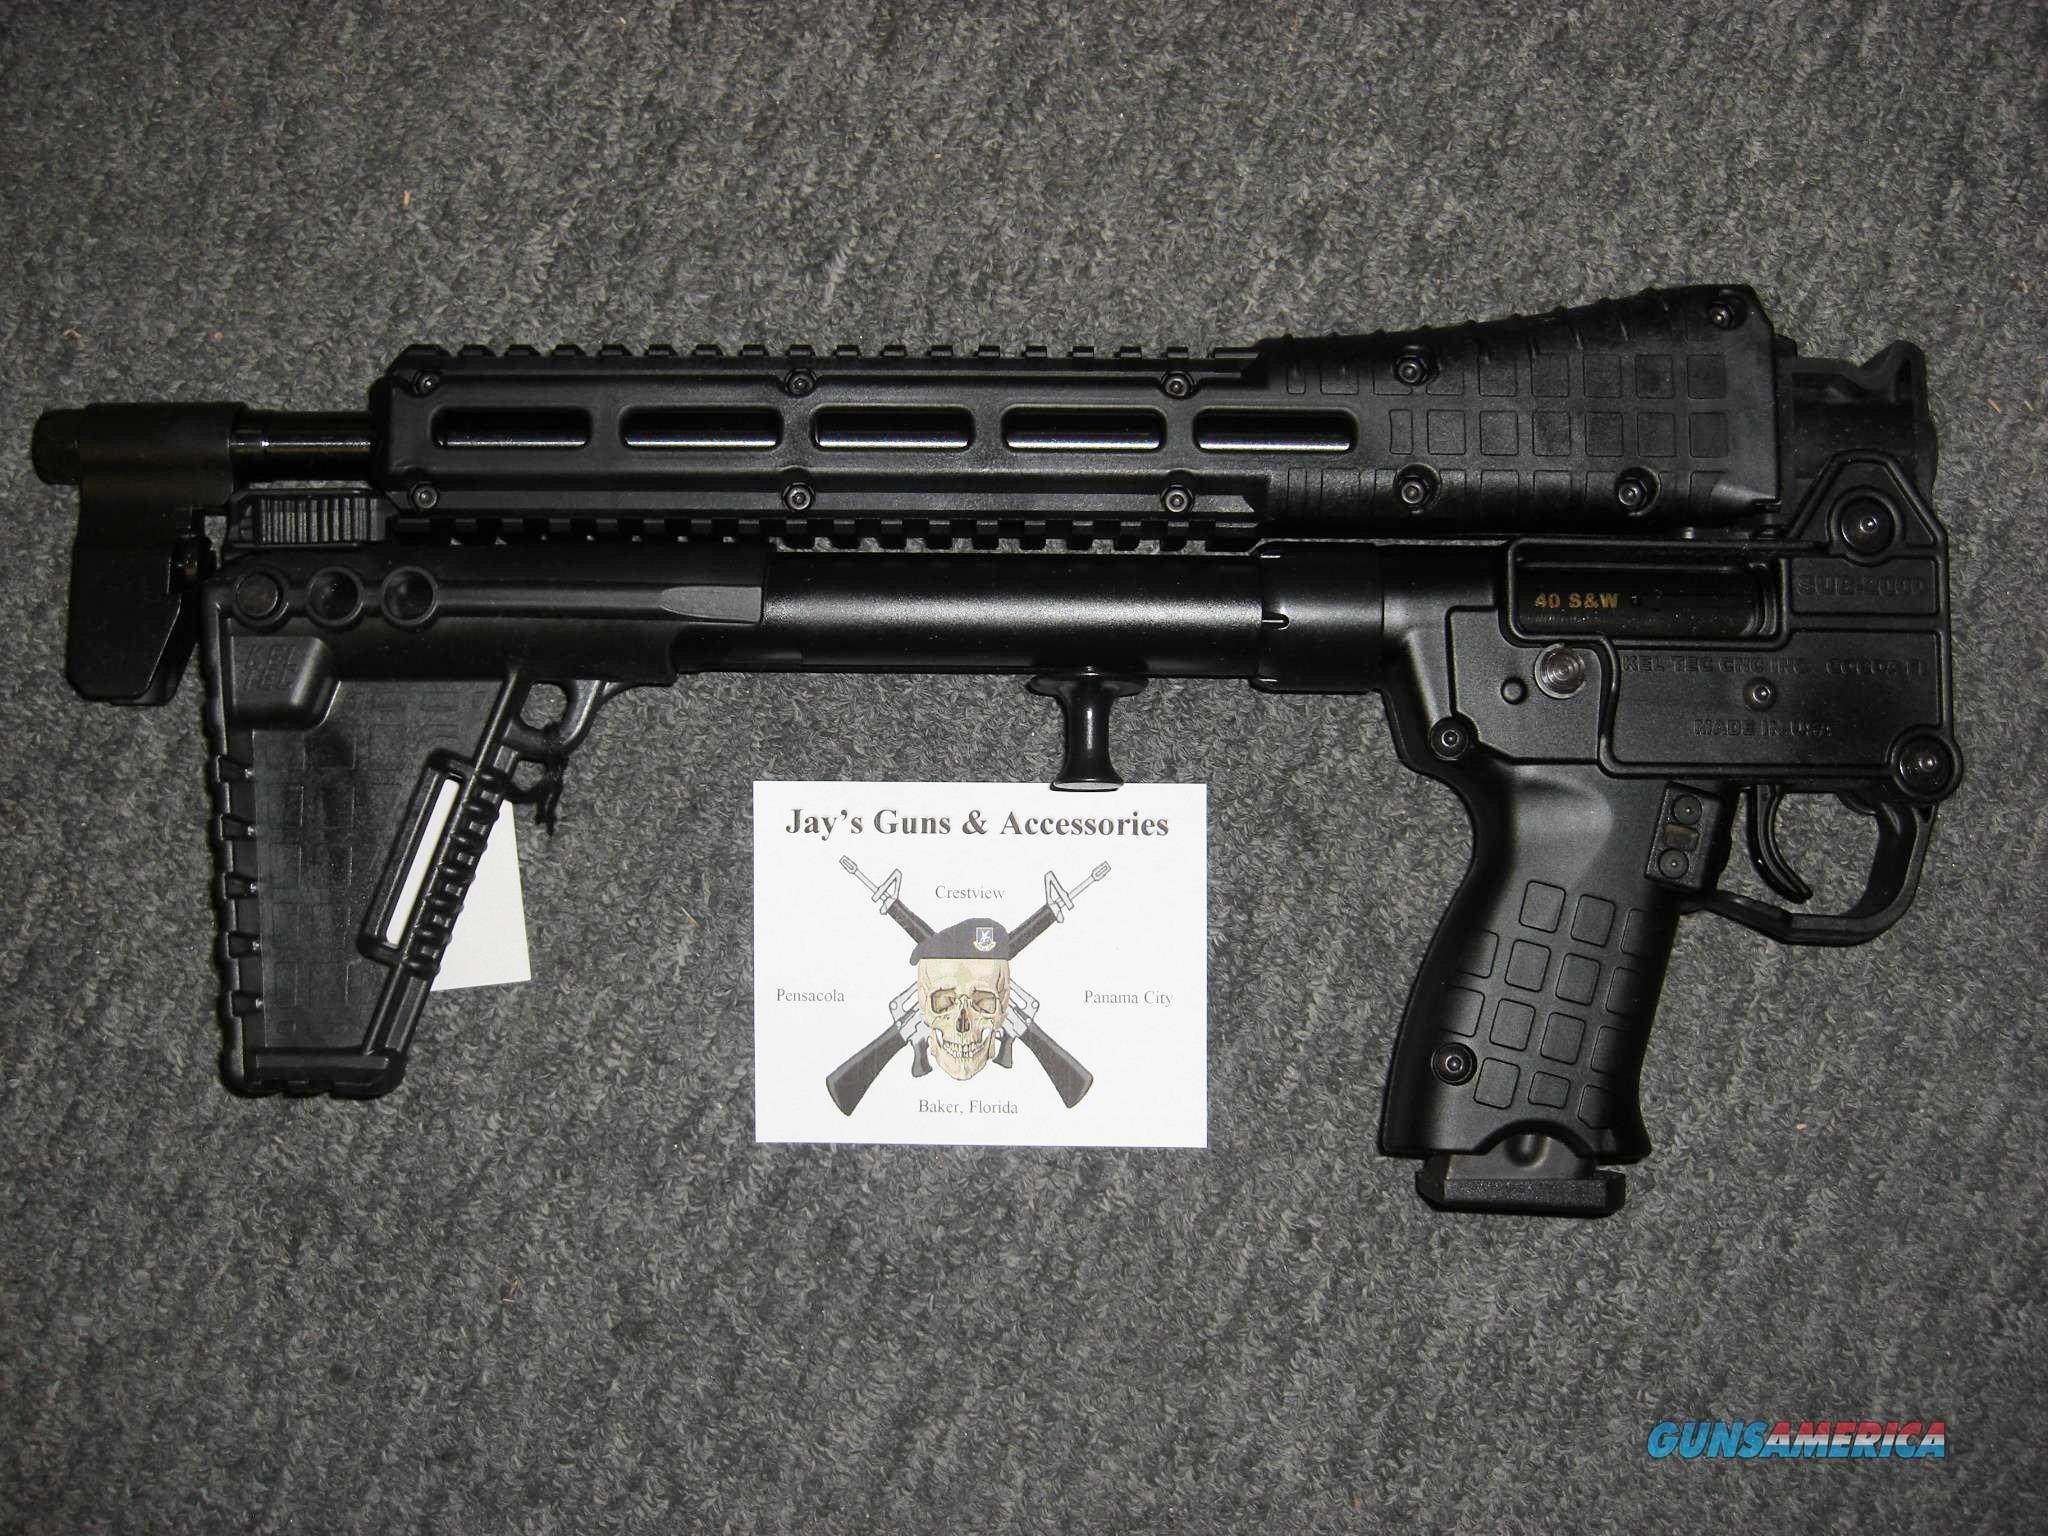 Kel-Tec Sub-2000 Gen 2 Uses Beretta 96 Mags  Guns > Rifles > Kel-Tec Rifles